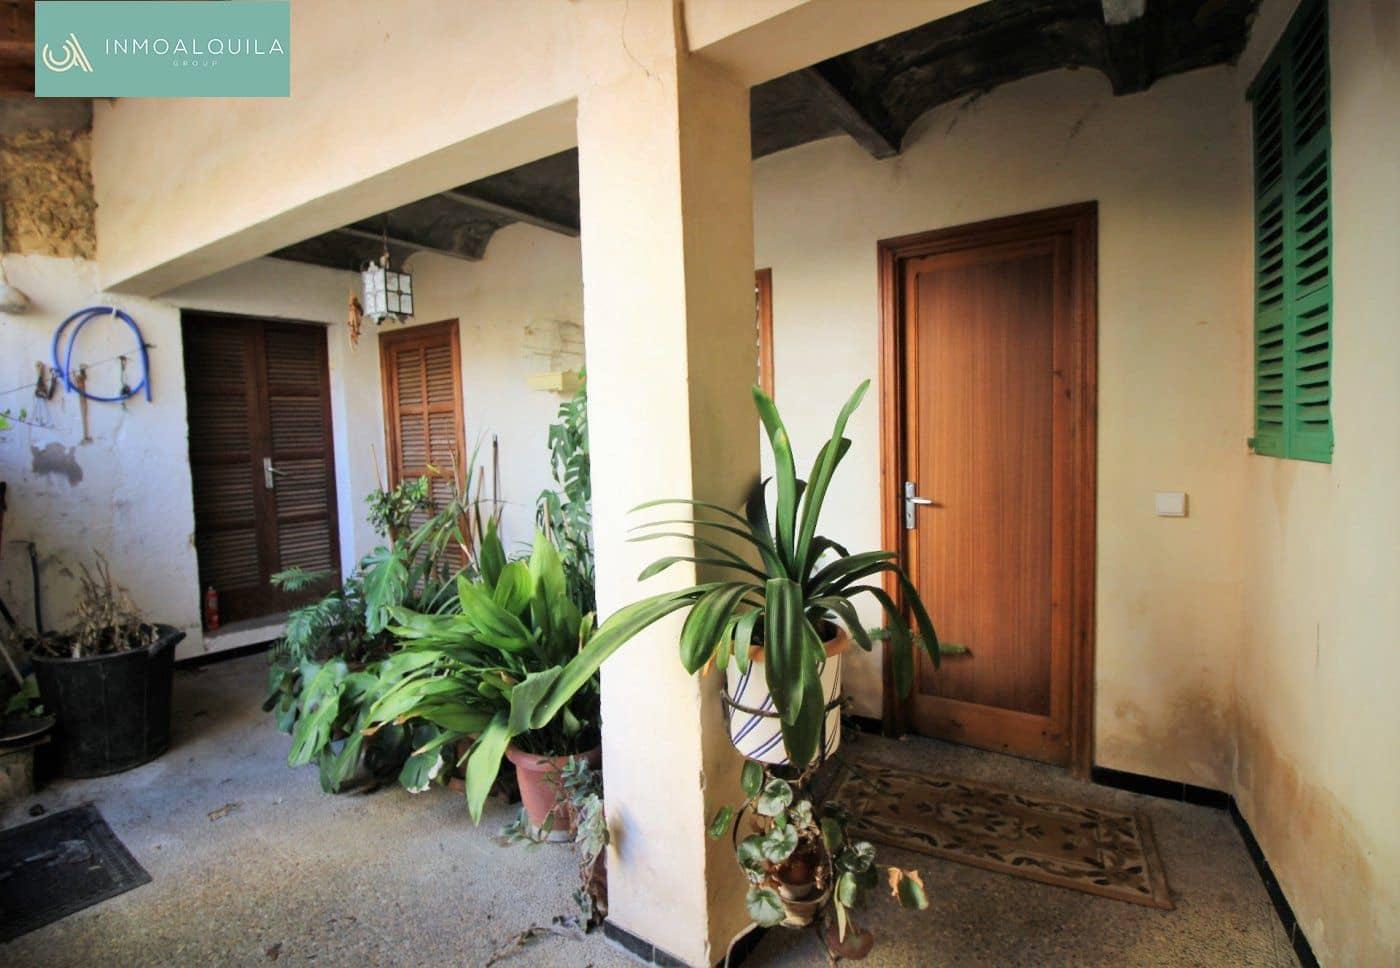 Casa de 6 habitaciones en Mancor de la Vall en venta - 230.000 € (Ref: 3562527)